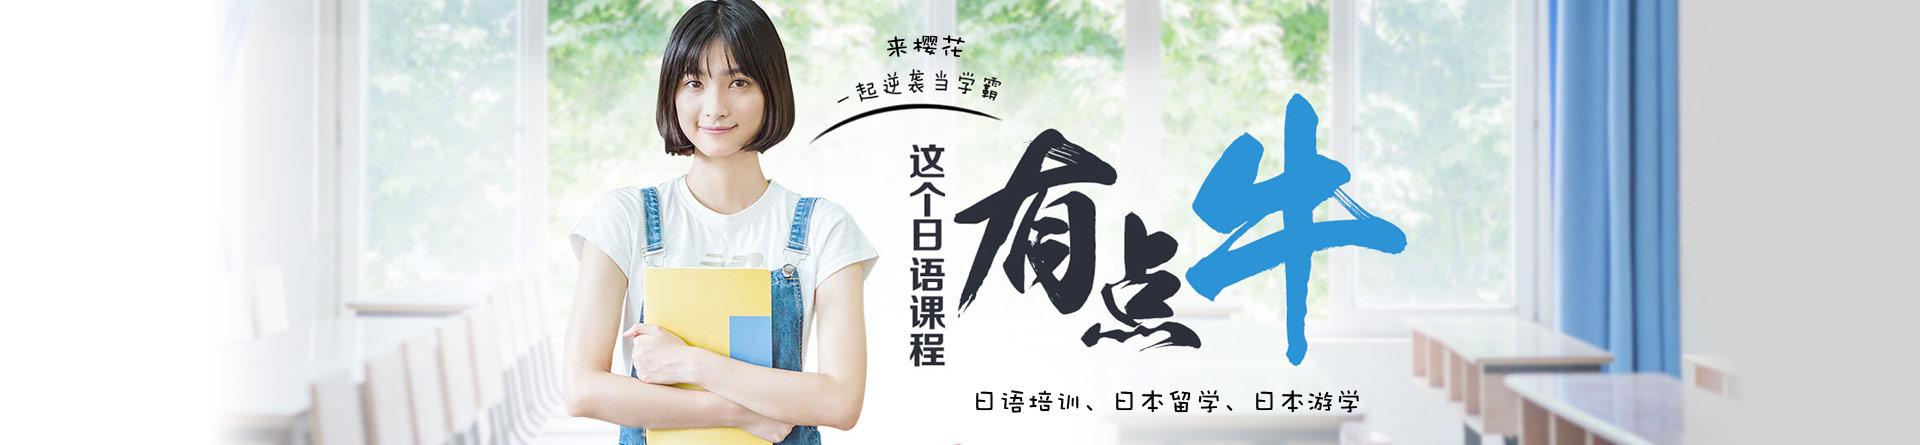 徐州樱花国际日语培训学校